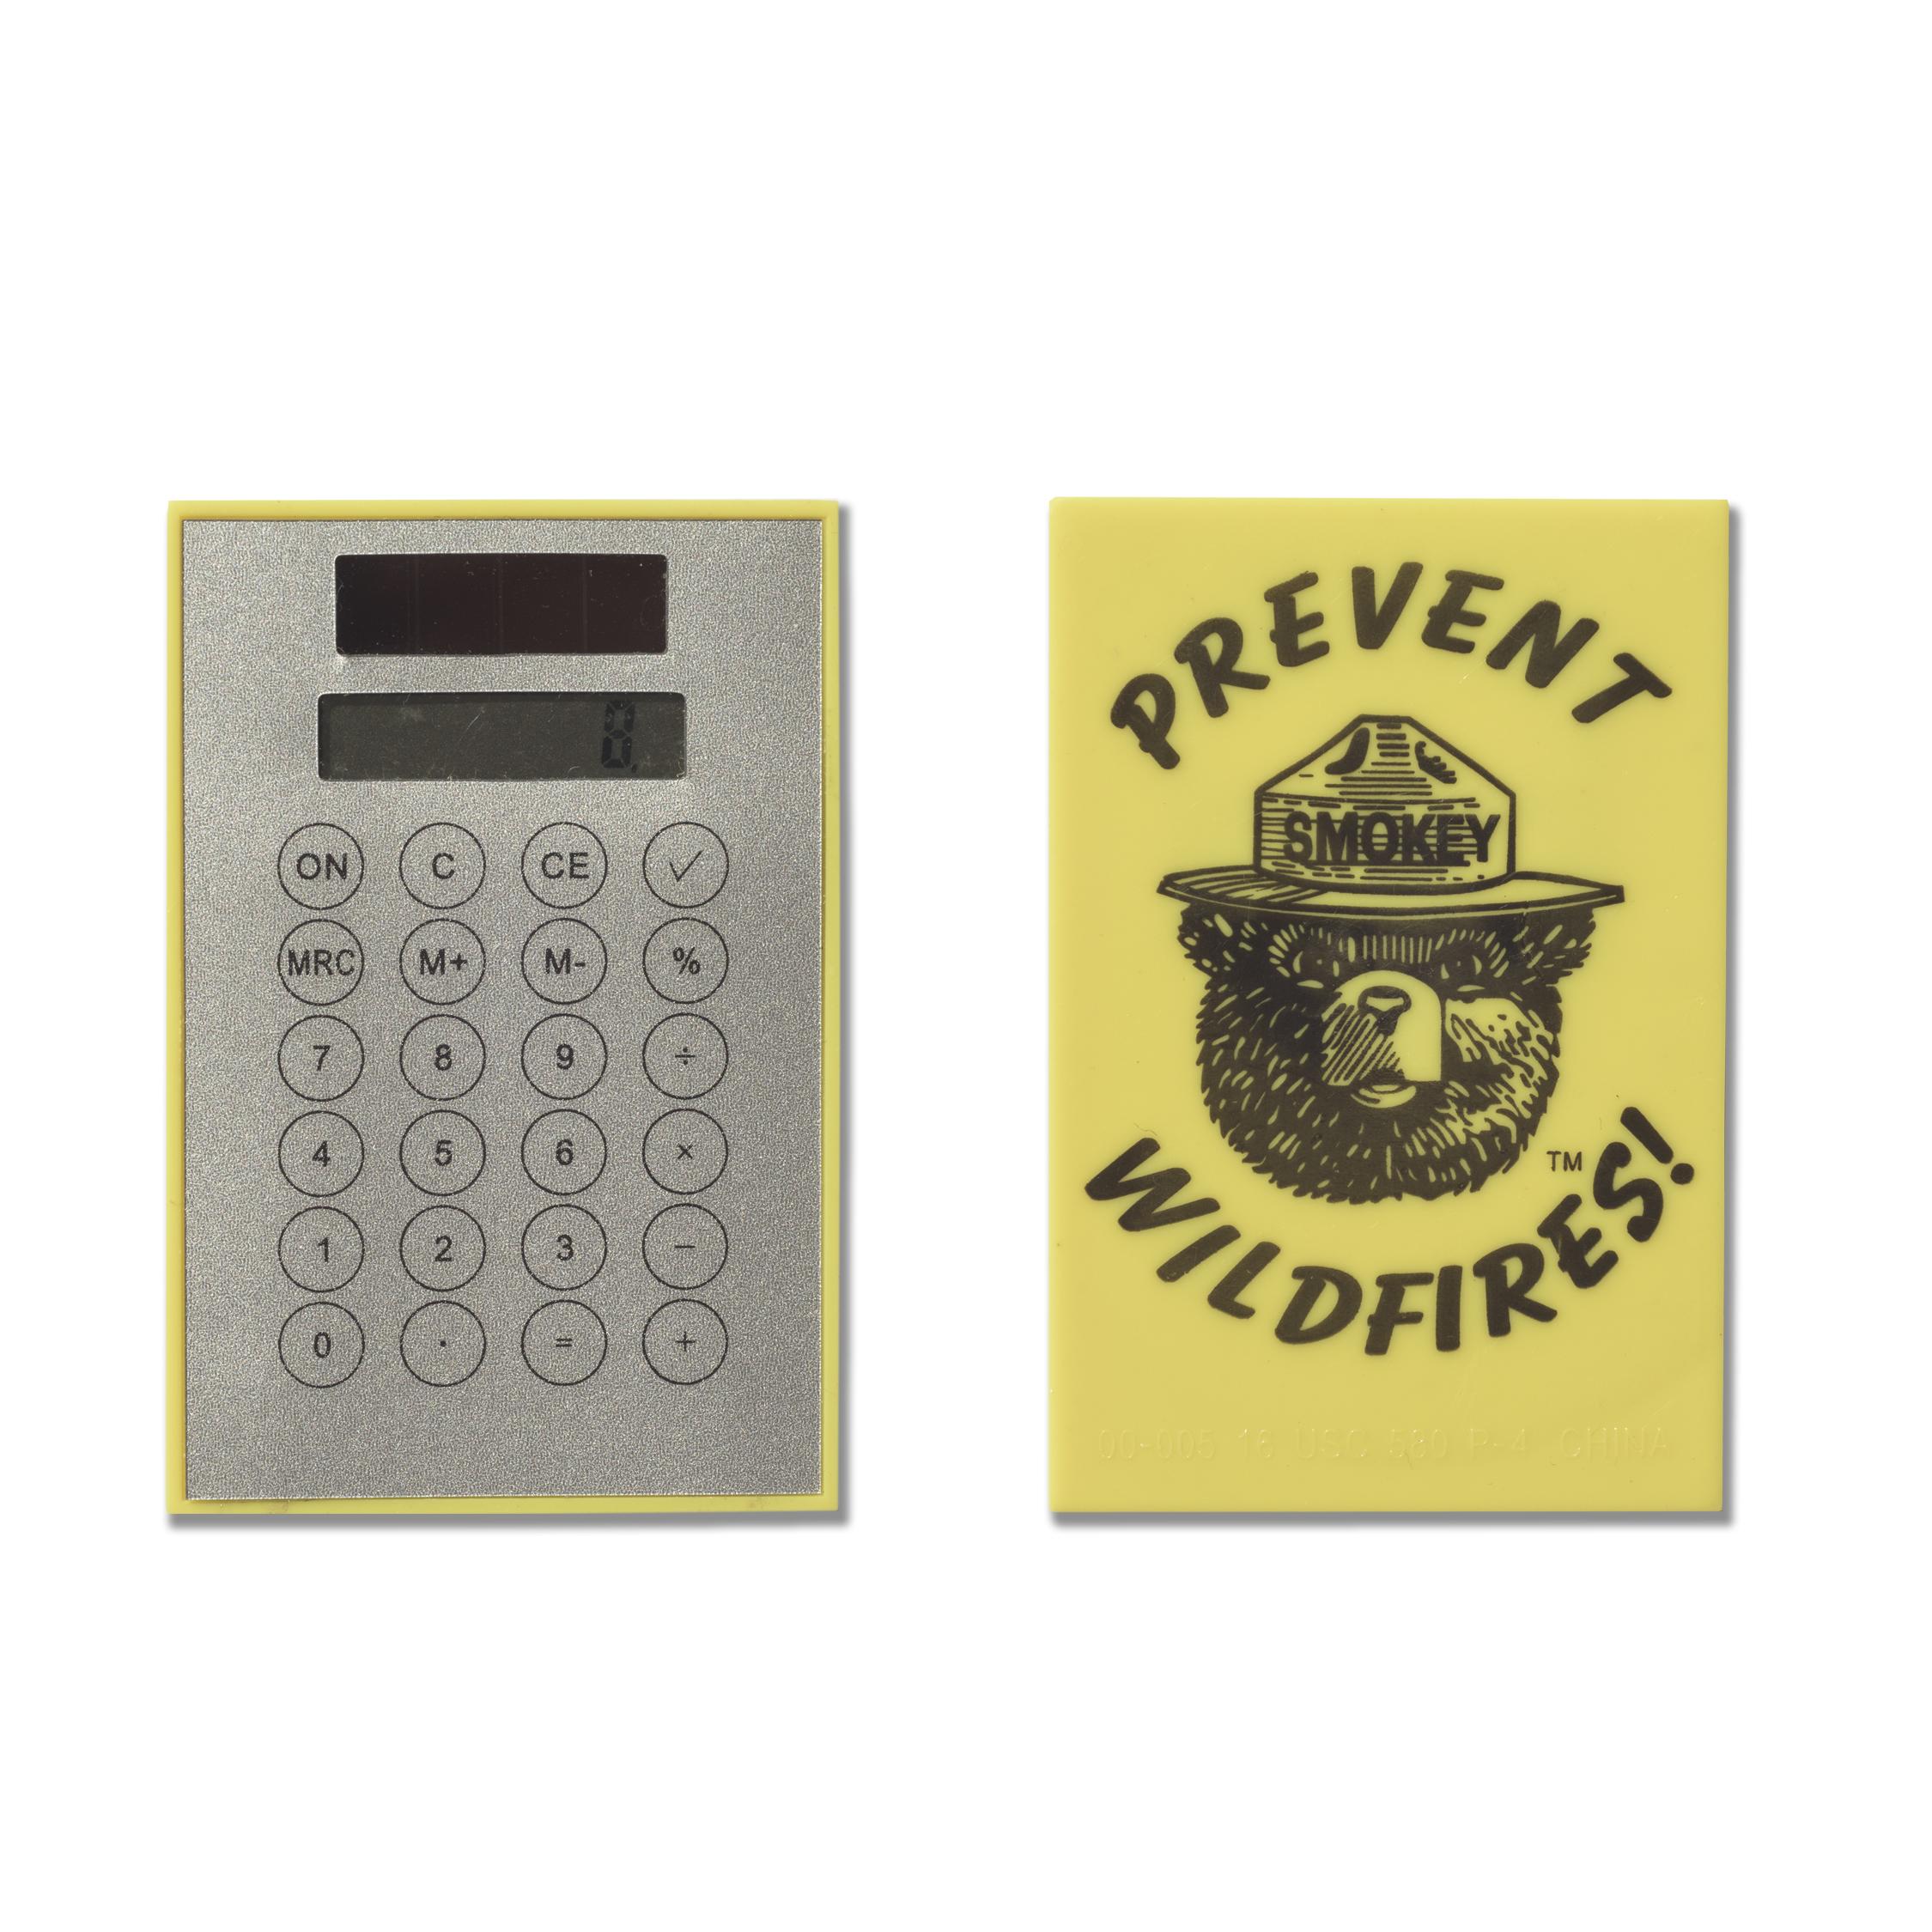 smokey_the_bear_calculator.jpg